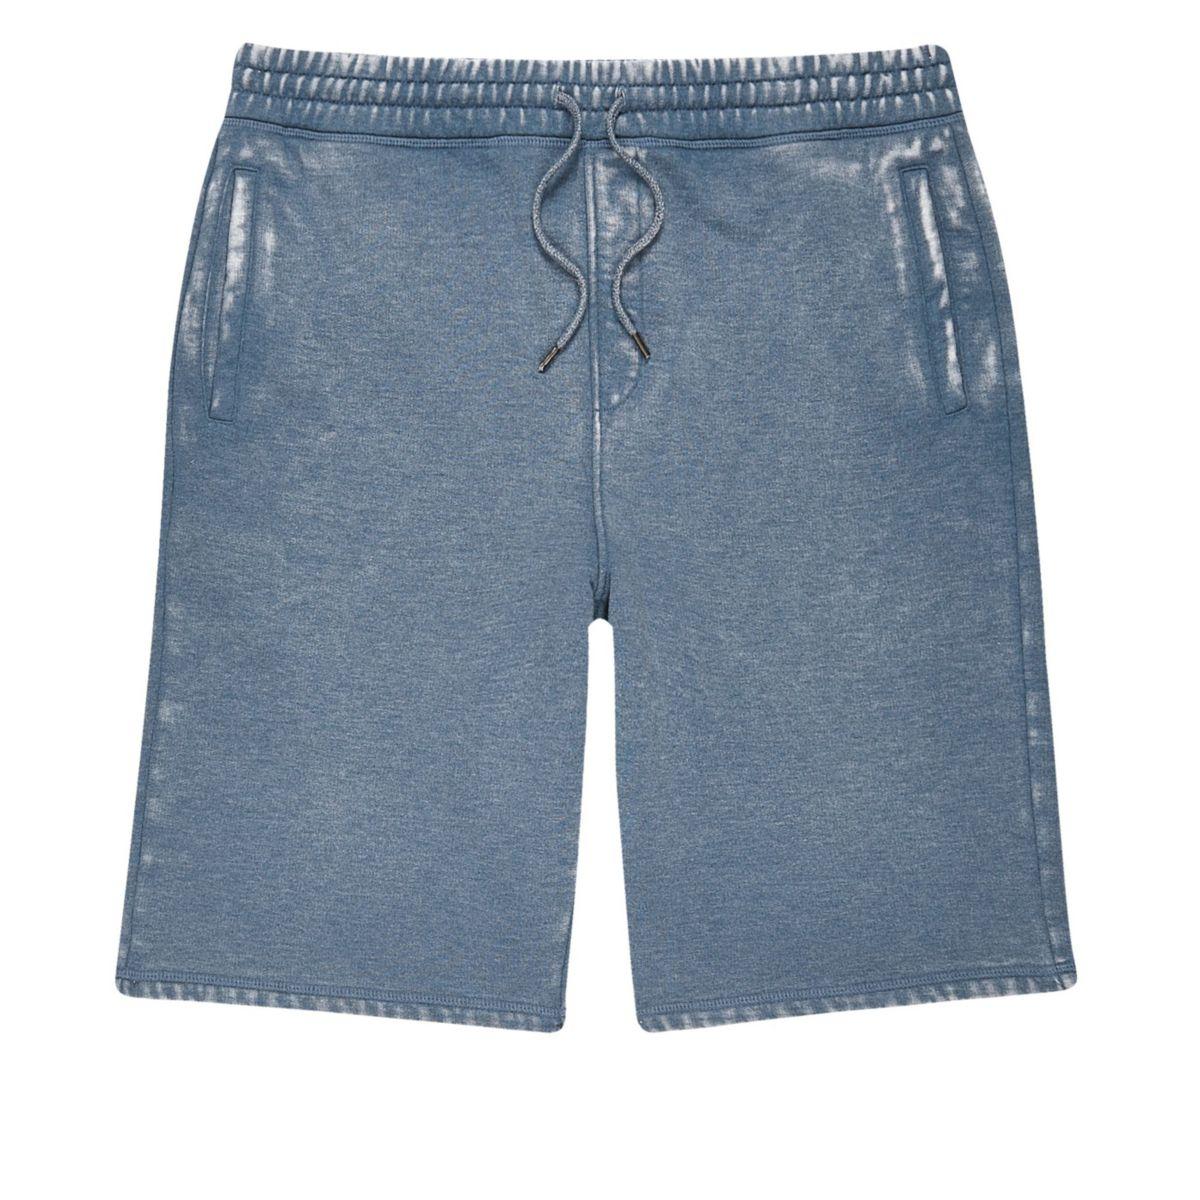 Blue burnout jogger shorts